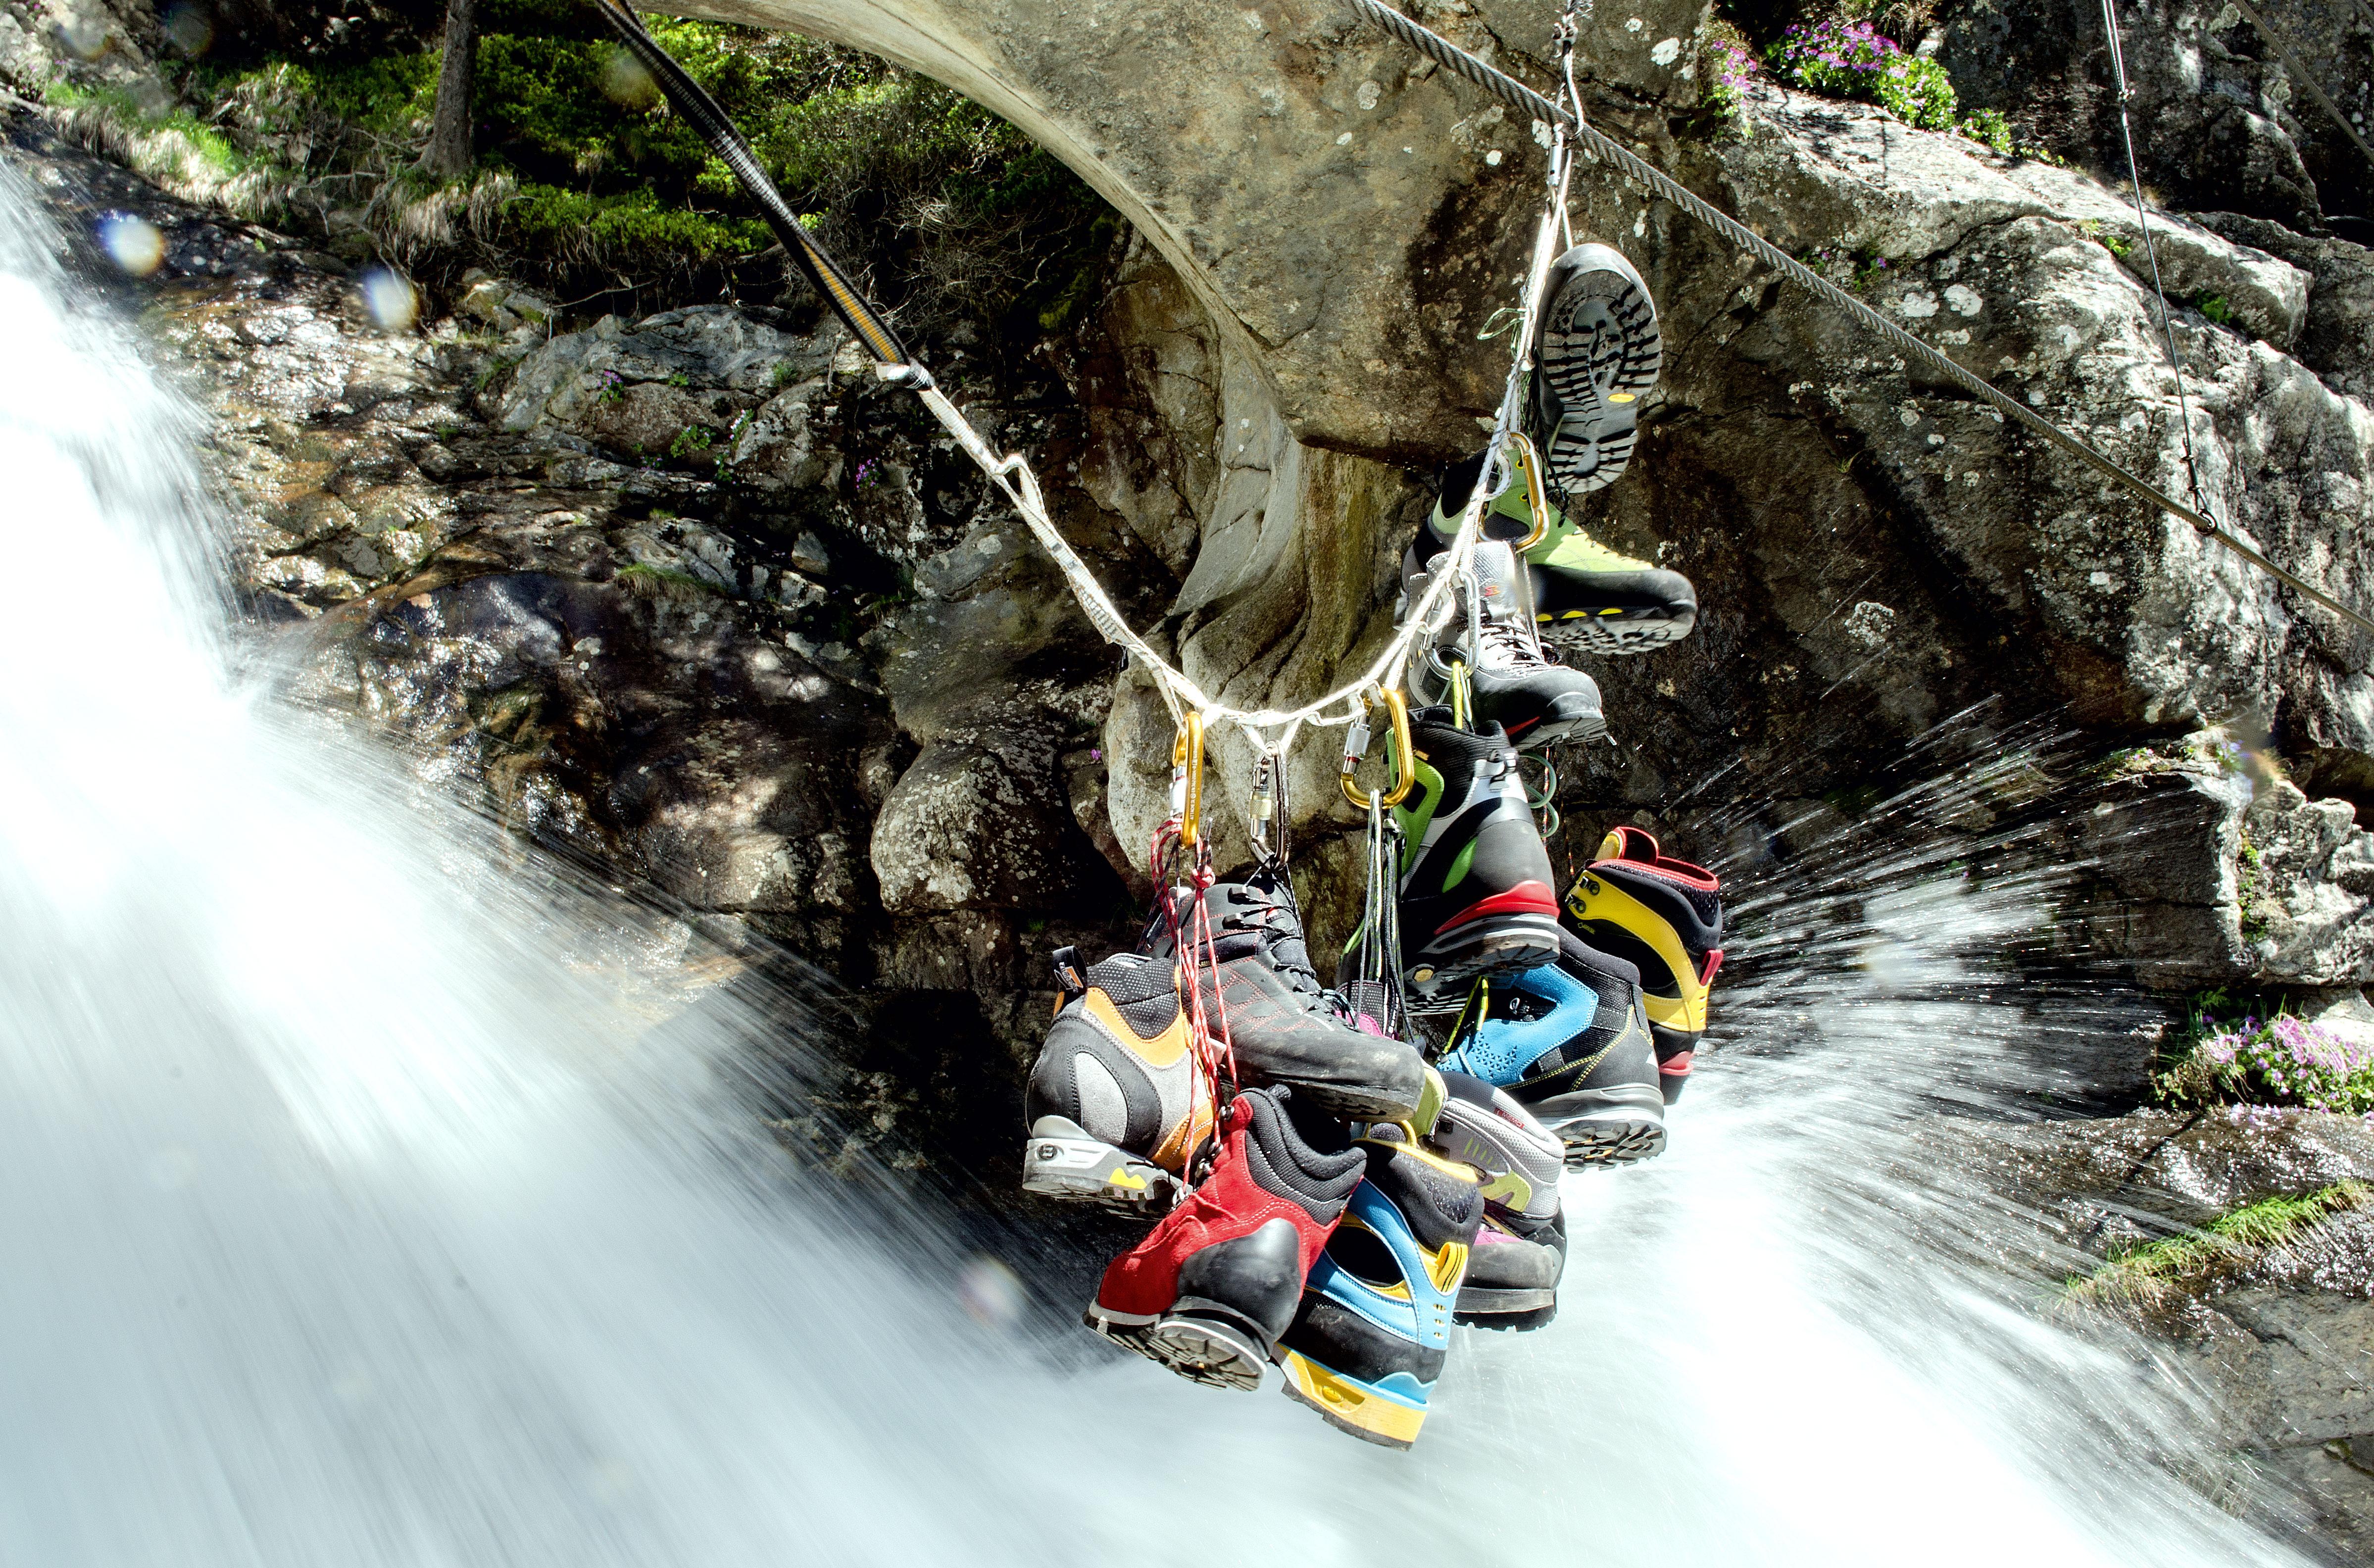 Klettersteigset Hydra : Klettersteigschuhe: 10 modelle im test